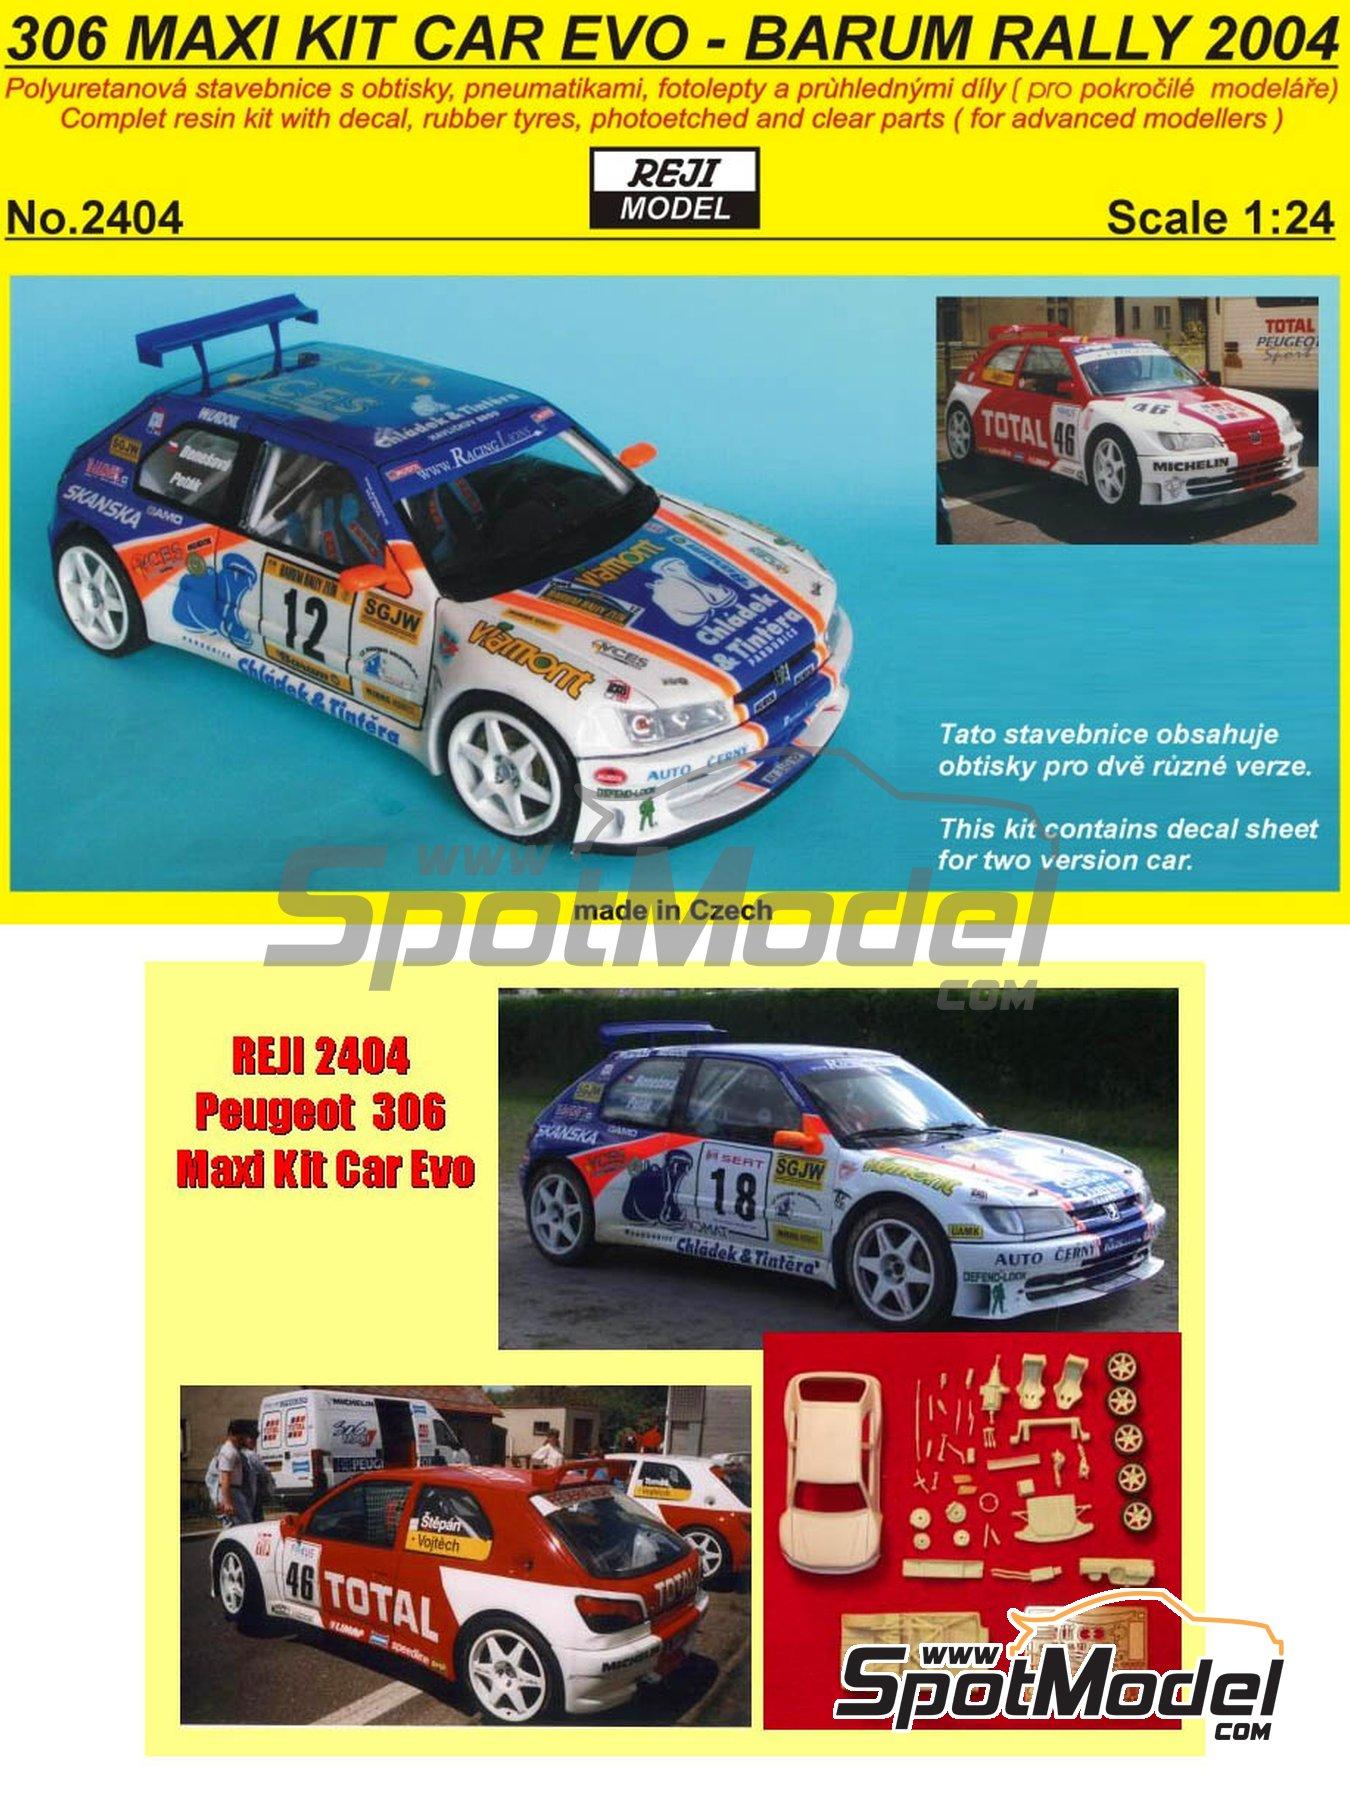 Peugeot 306 Maxi Kit Car Evo Total - Rally Barum de la Republica Checa 2004 | Maqueta de coche en escala1/24 fabricado por Reji Model (ref.REJI-2404, tambien 2404) image